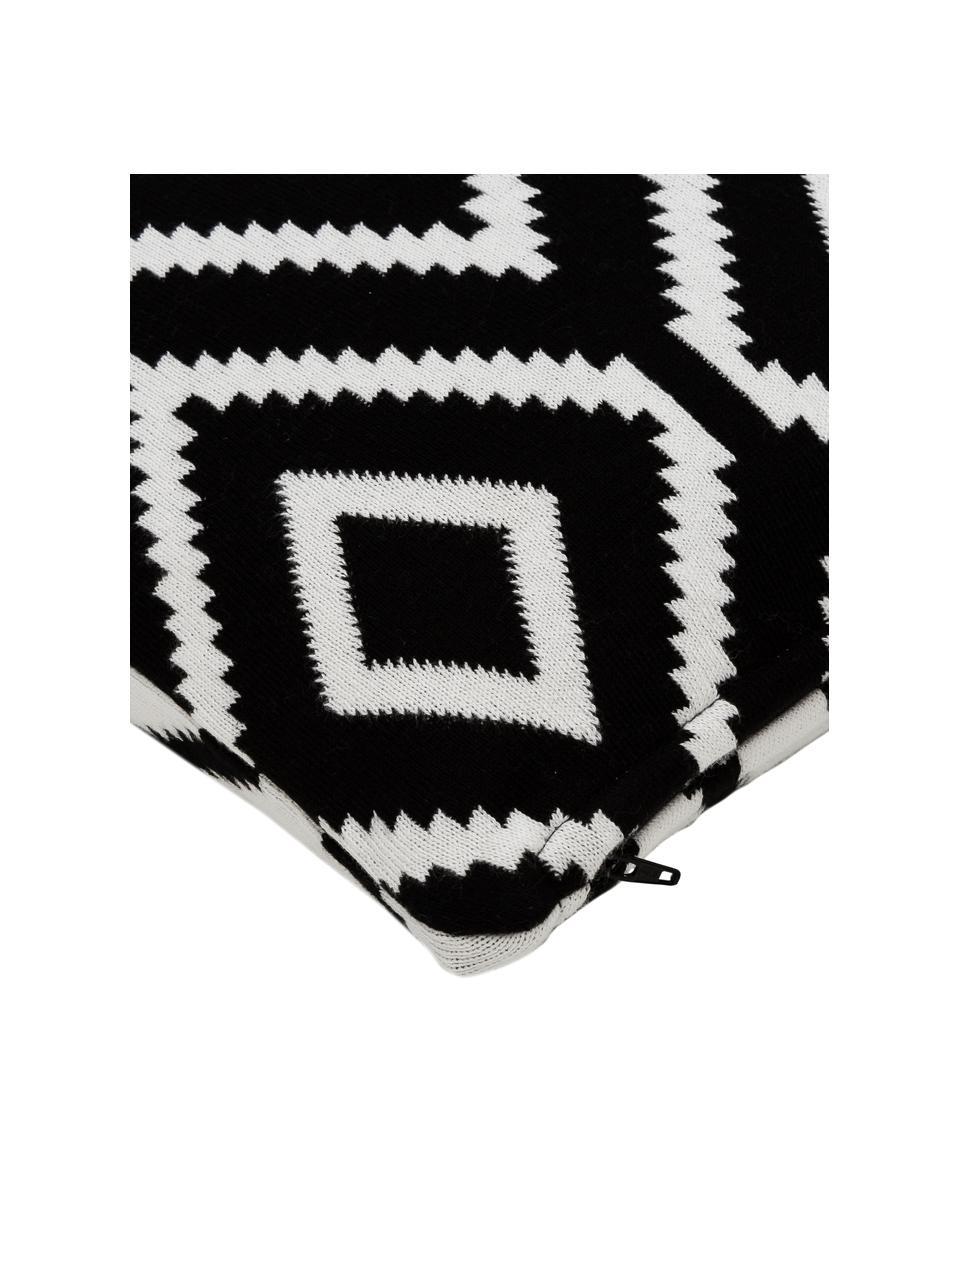 Federa arredo fatta a maglia reversibile Chuck, 100% cotone, Nero, crema, Larg. 40 x Lung. 40 cm